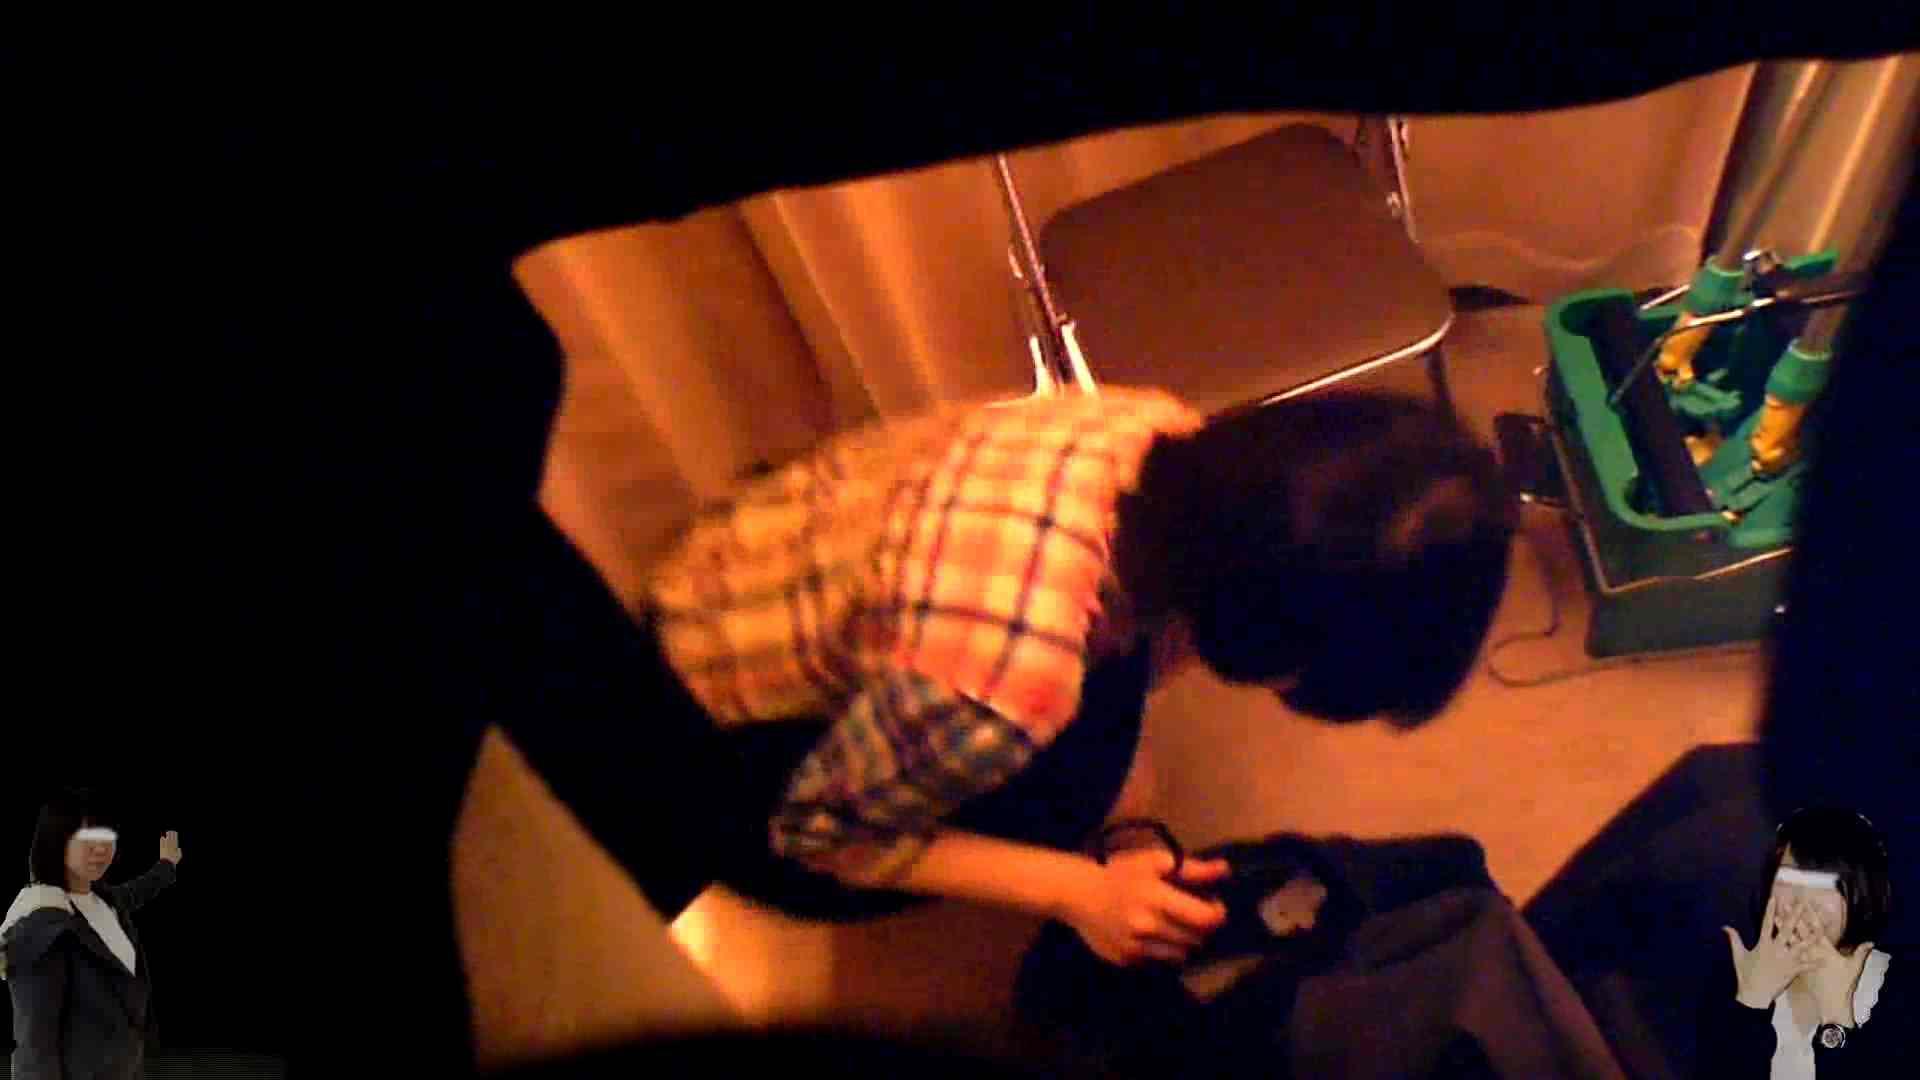 素人投稿 現役「JD」Eちゃんの着替え Vol.04 素人エロ画像 ヌード画像 76PICs 75